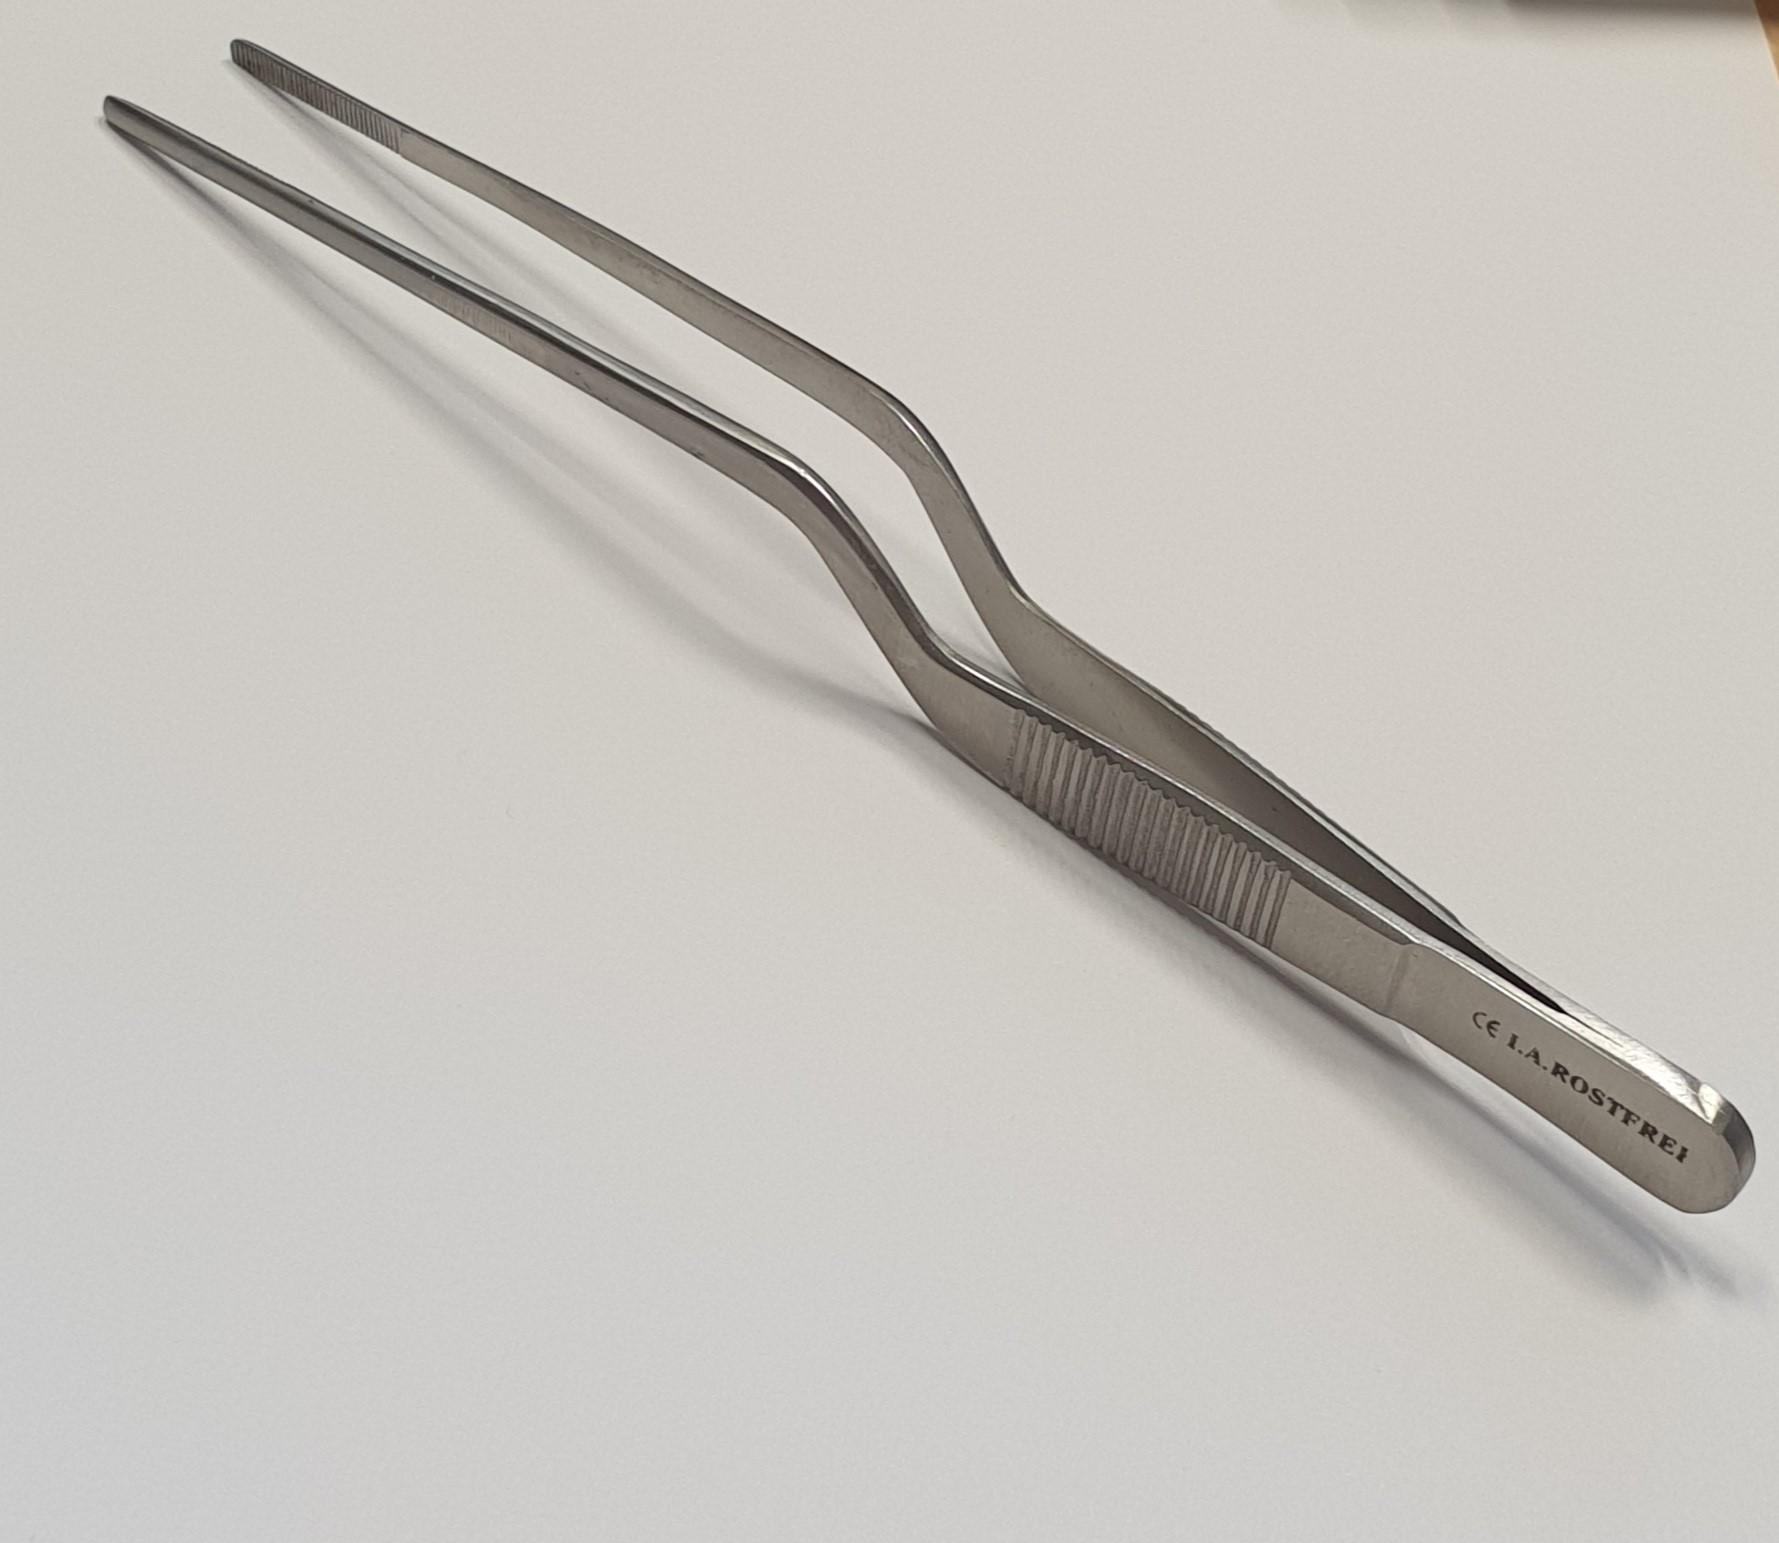 Pinzette kniegebogen stumpf